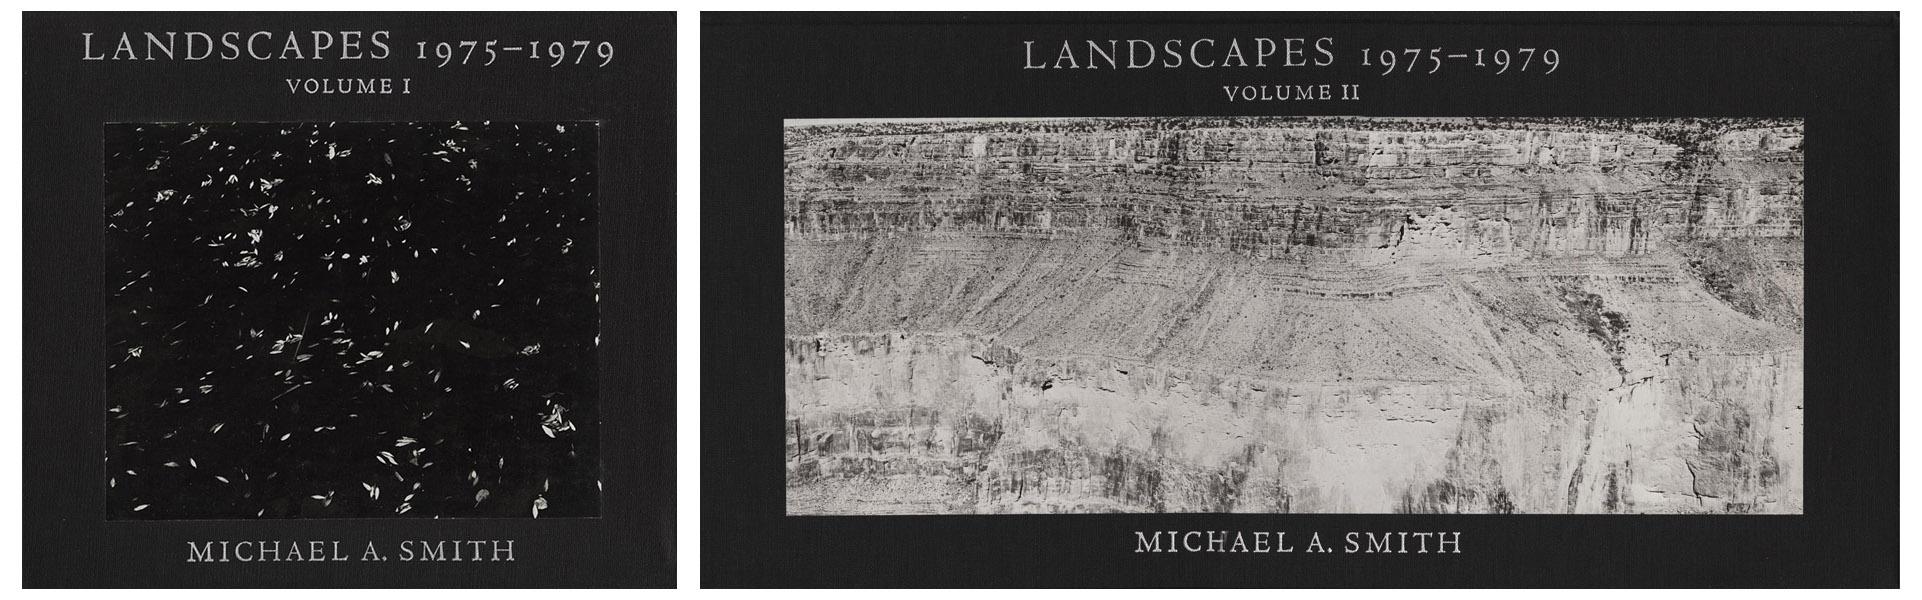 Landscapes-Vol-1-2-Front-H.jpg